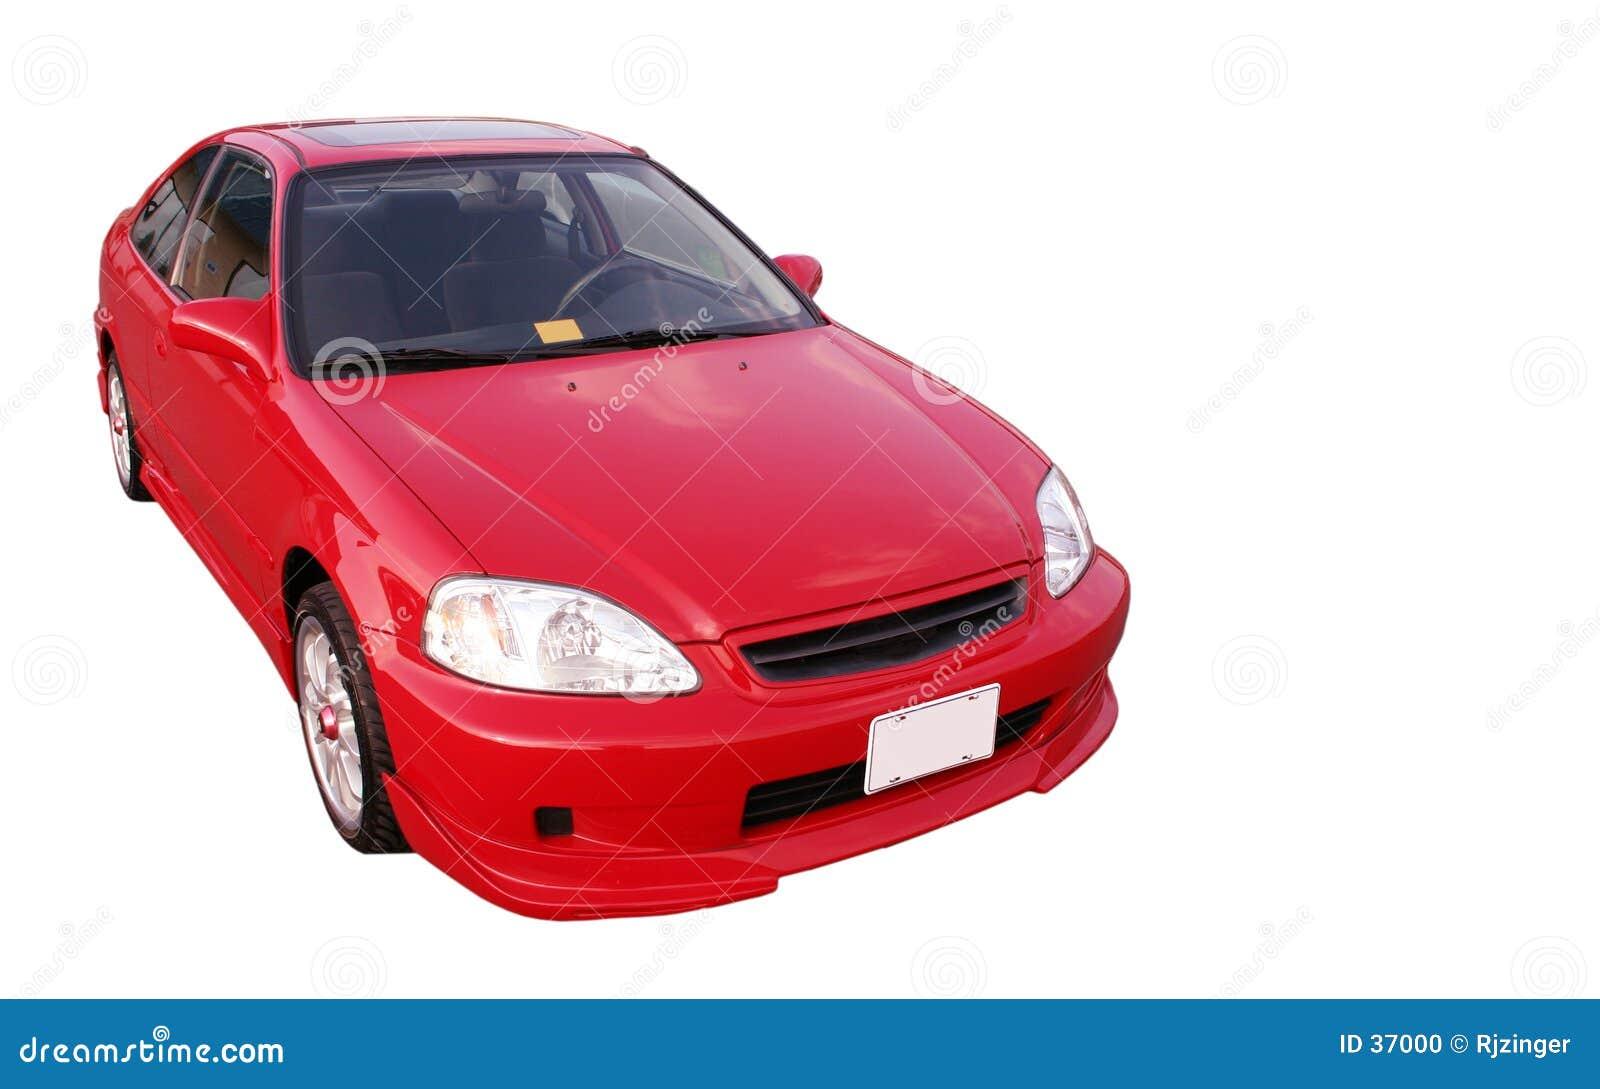 Honda Civic EX - Red 2